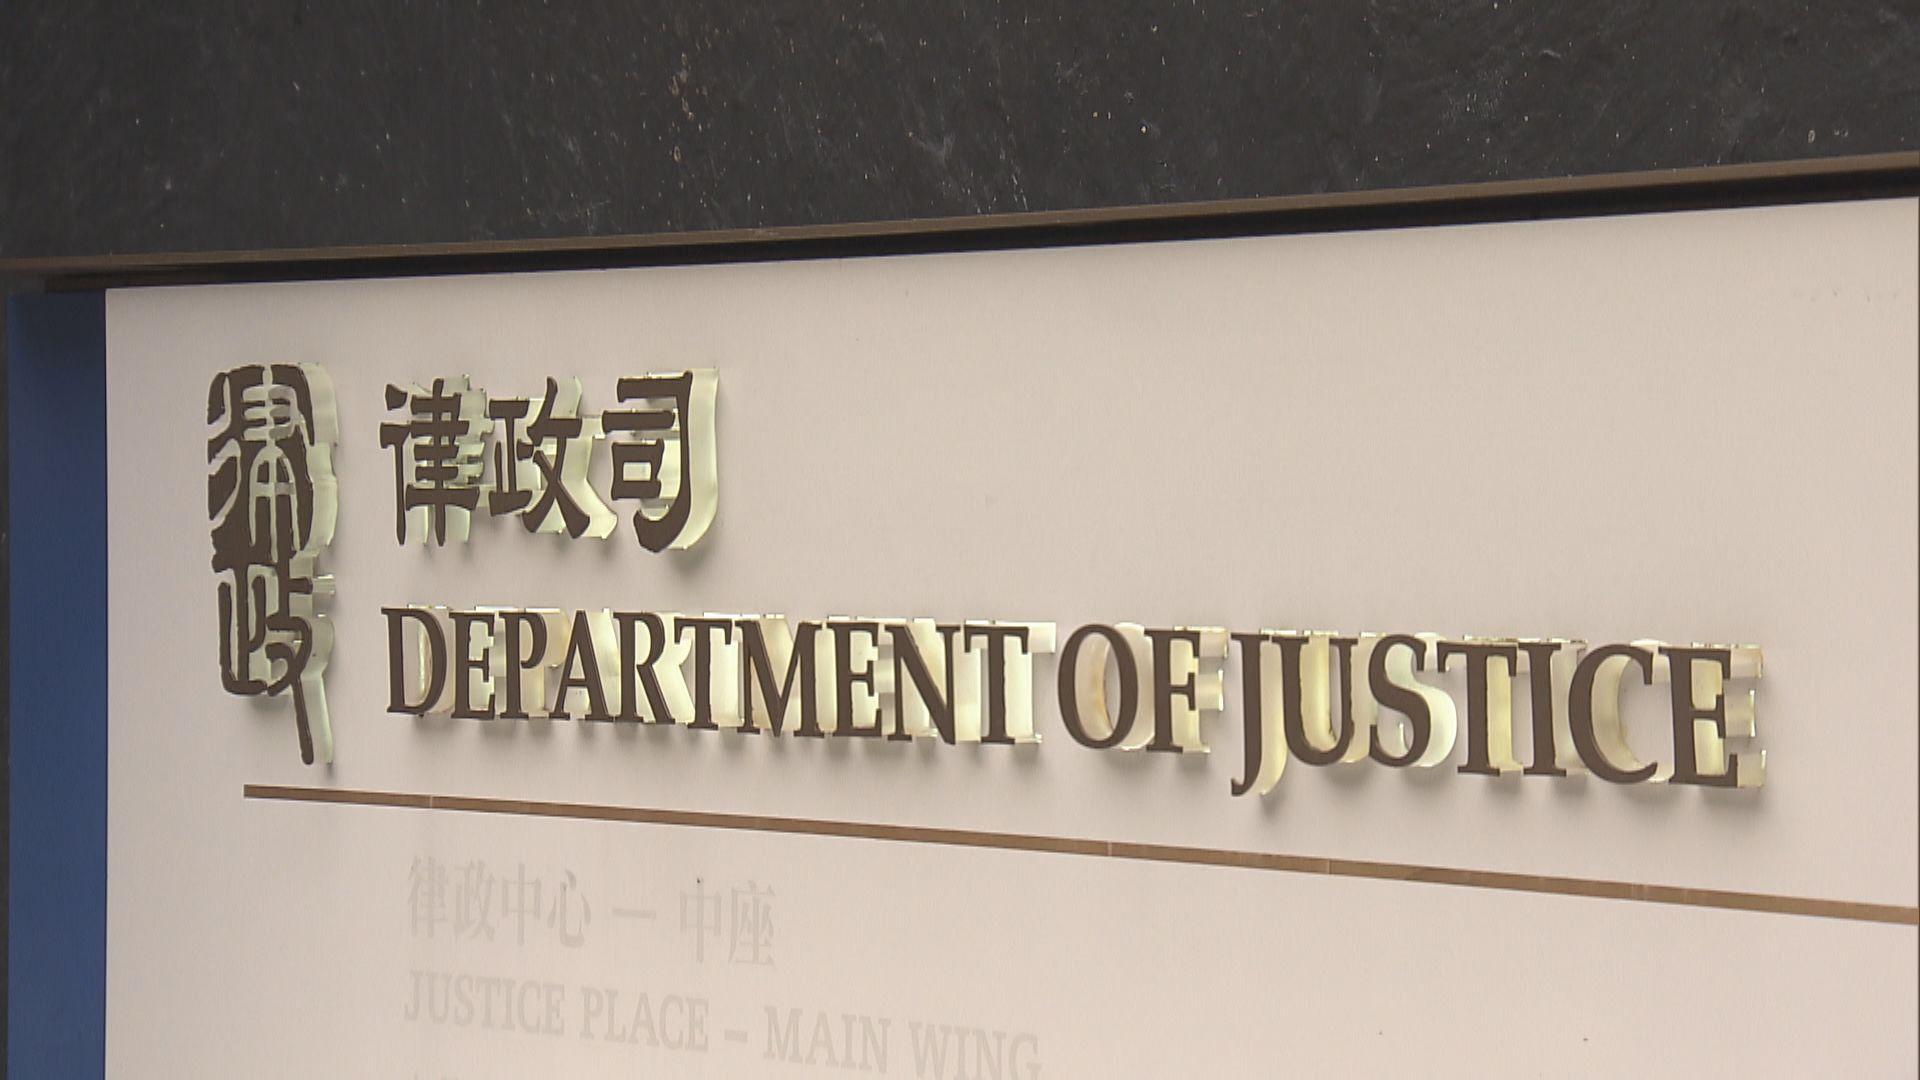 律政中心收到可疑粉末信件 60人一度疏散